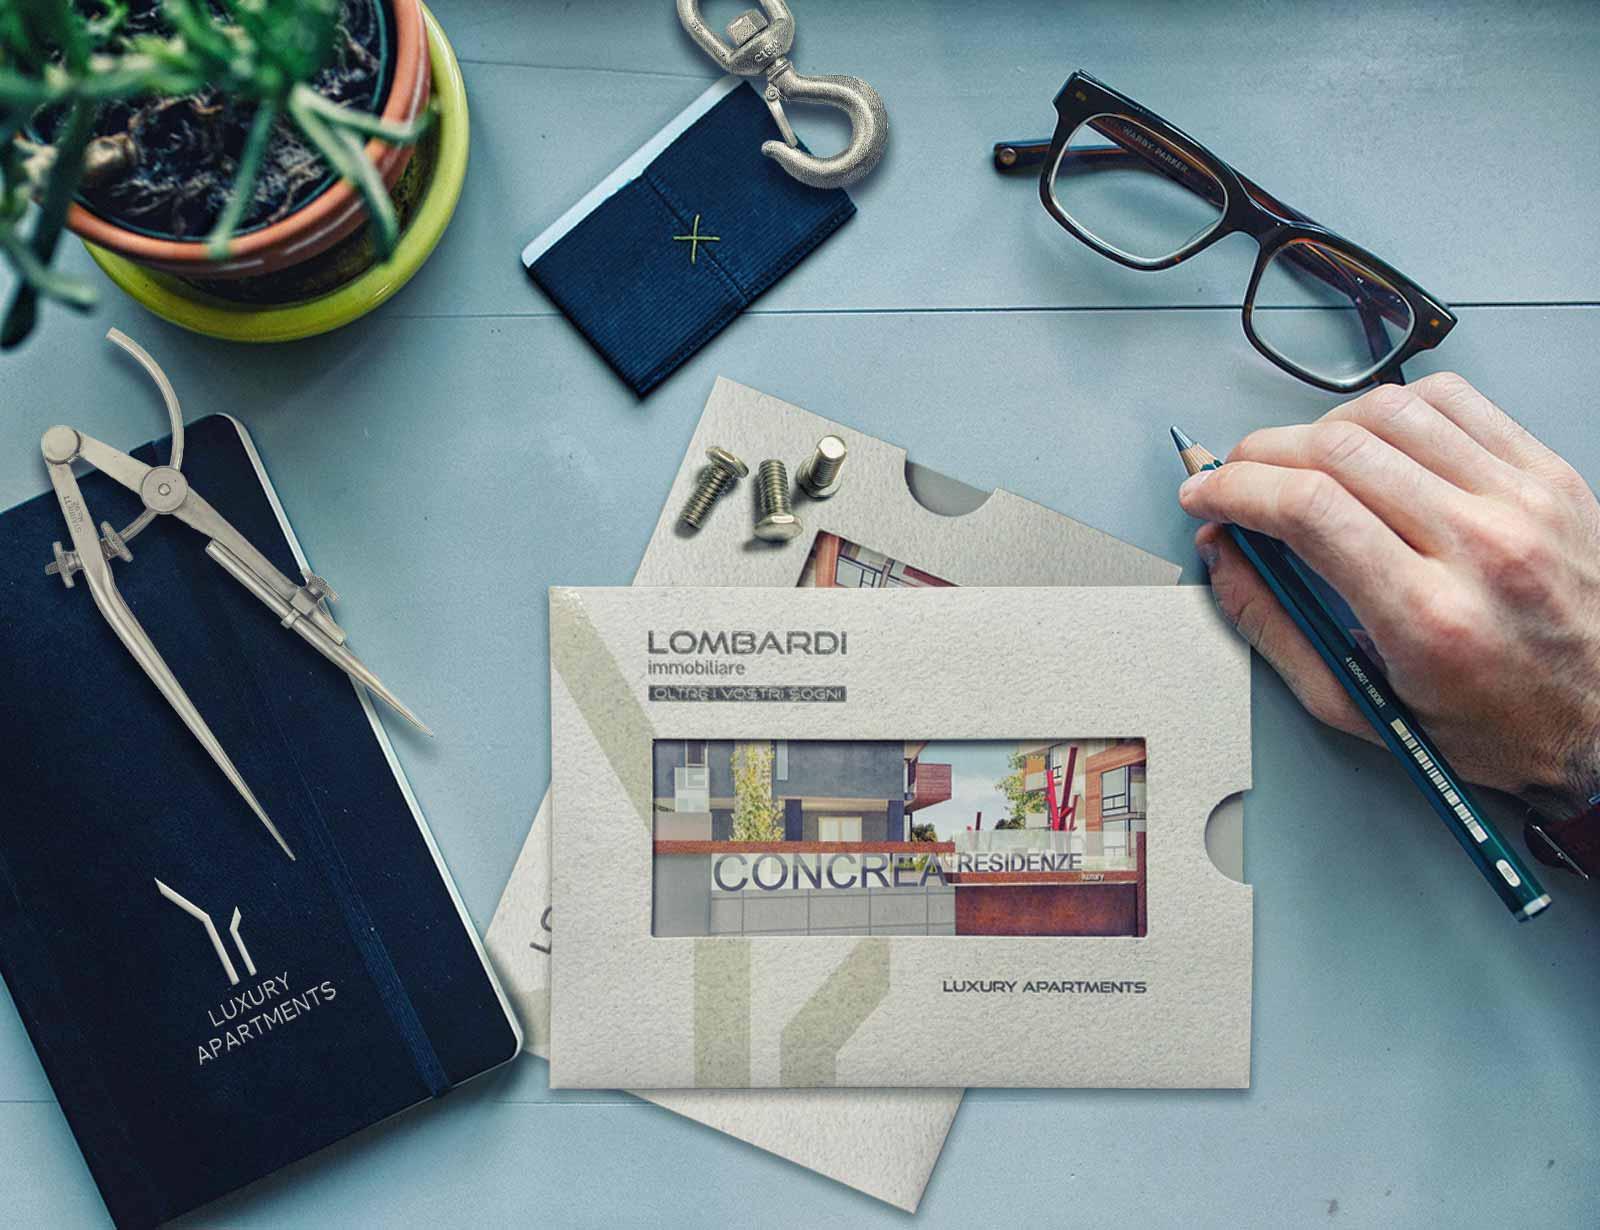 Progetto lombardi a5 studio portfolio render 3d - Lombardi immobiliare ...